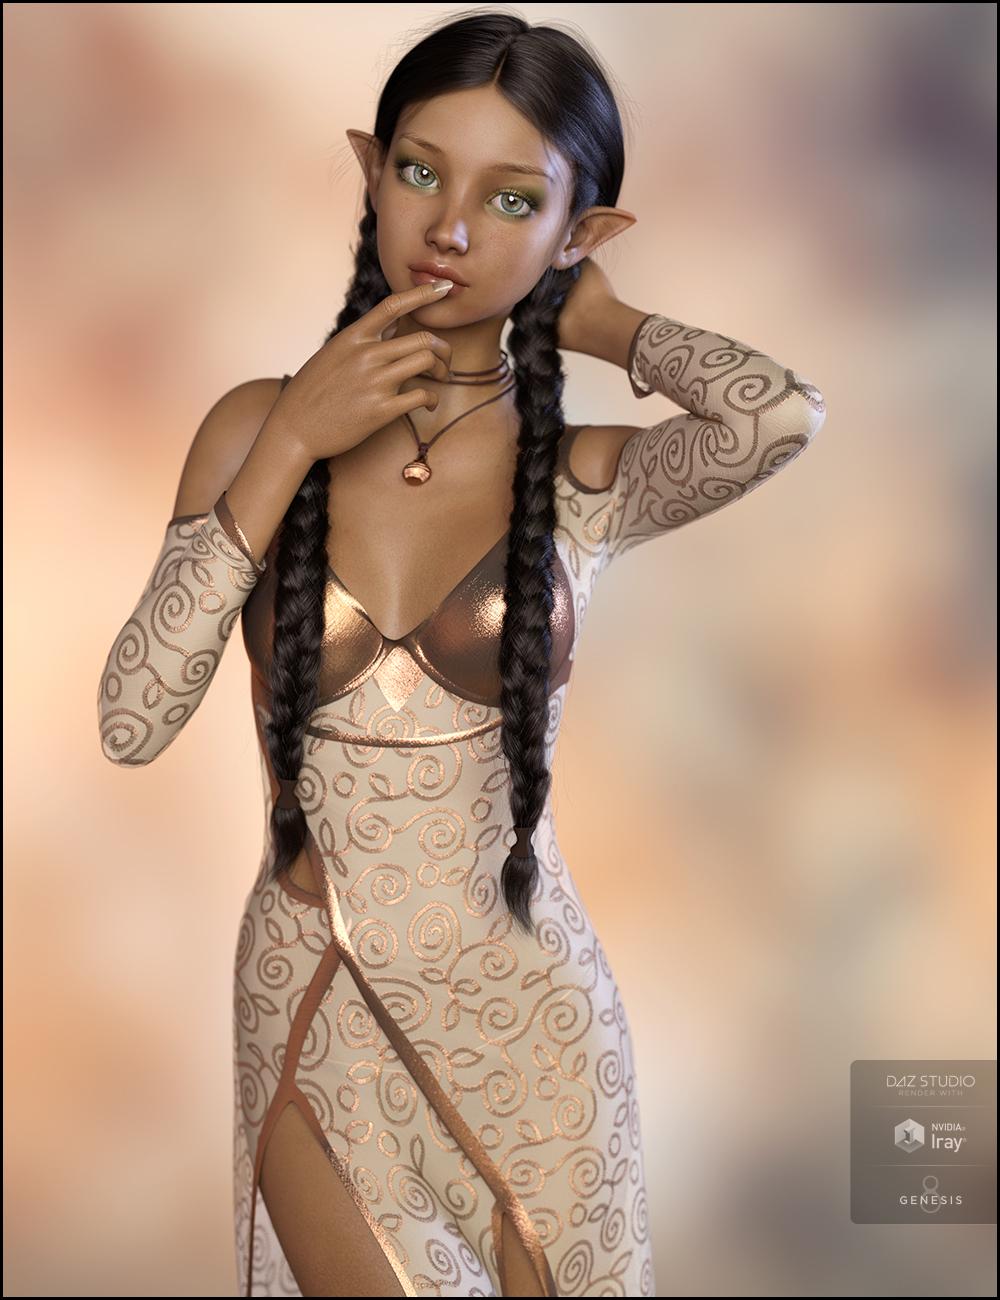 Brisen for Mika 8 by: DemonicaEviliusJessaii, 3D Models by Daz 3D